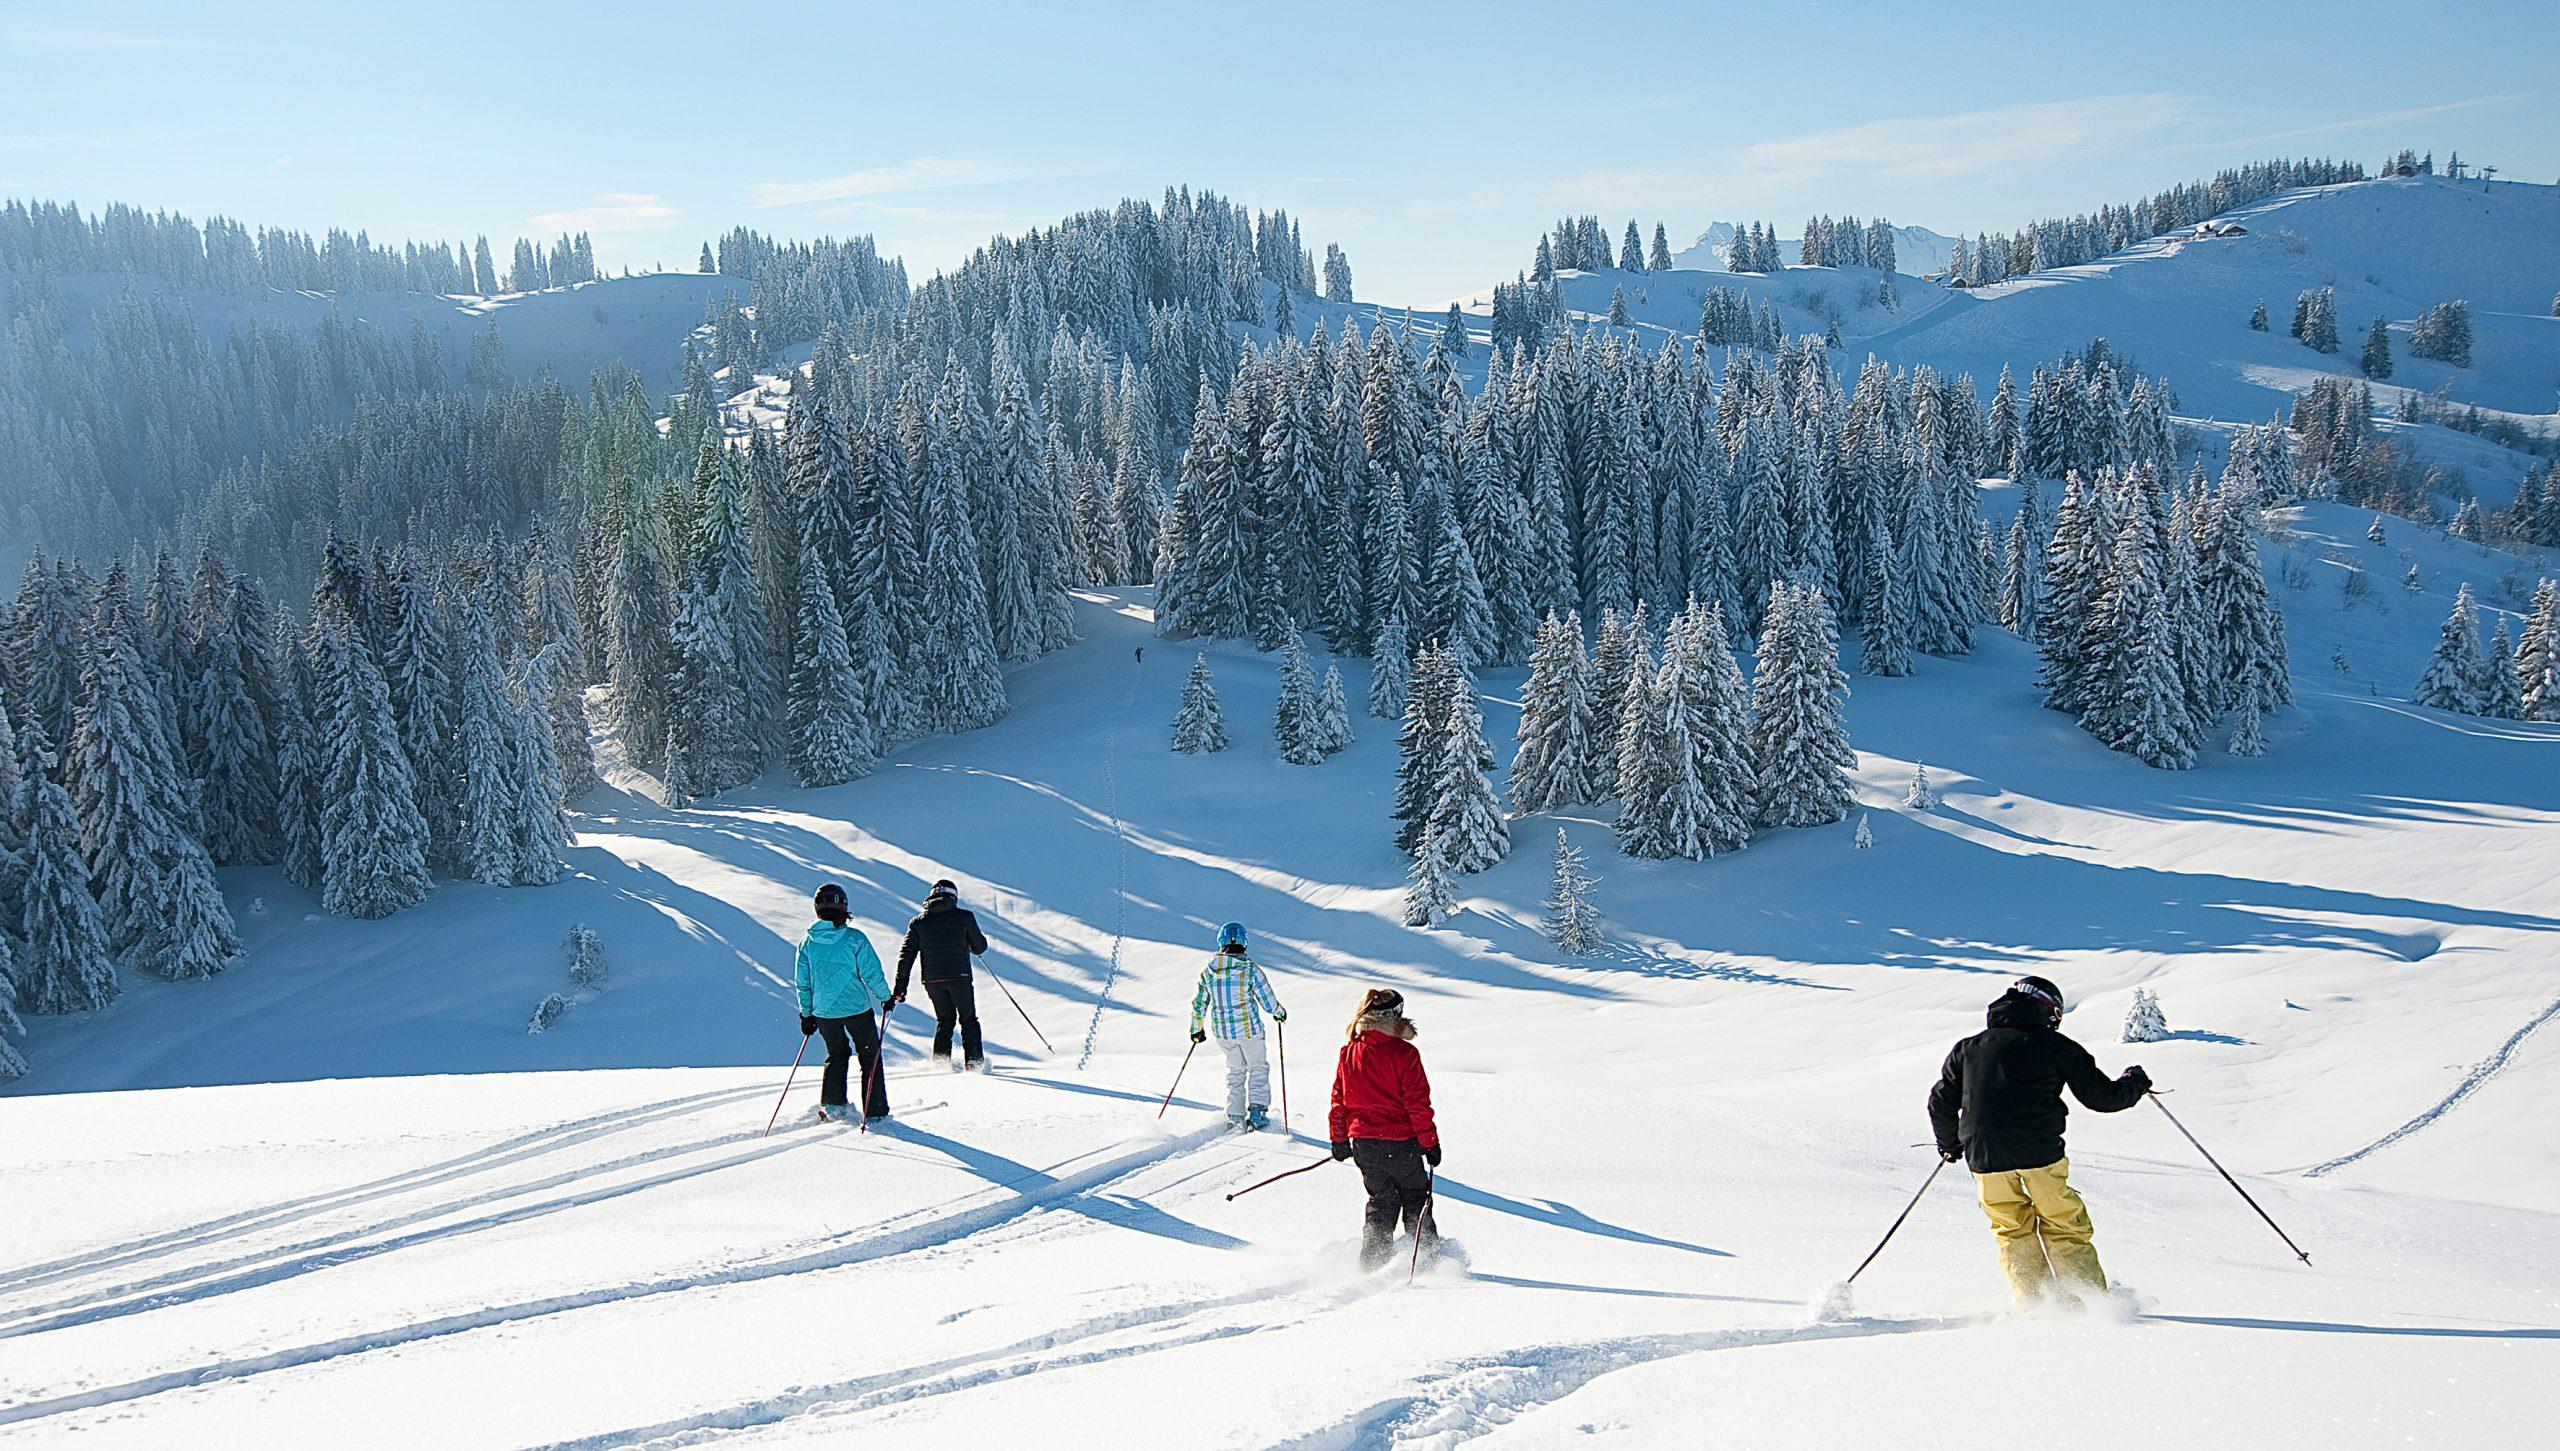 Les Gets slopes